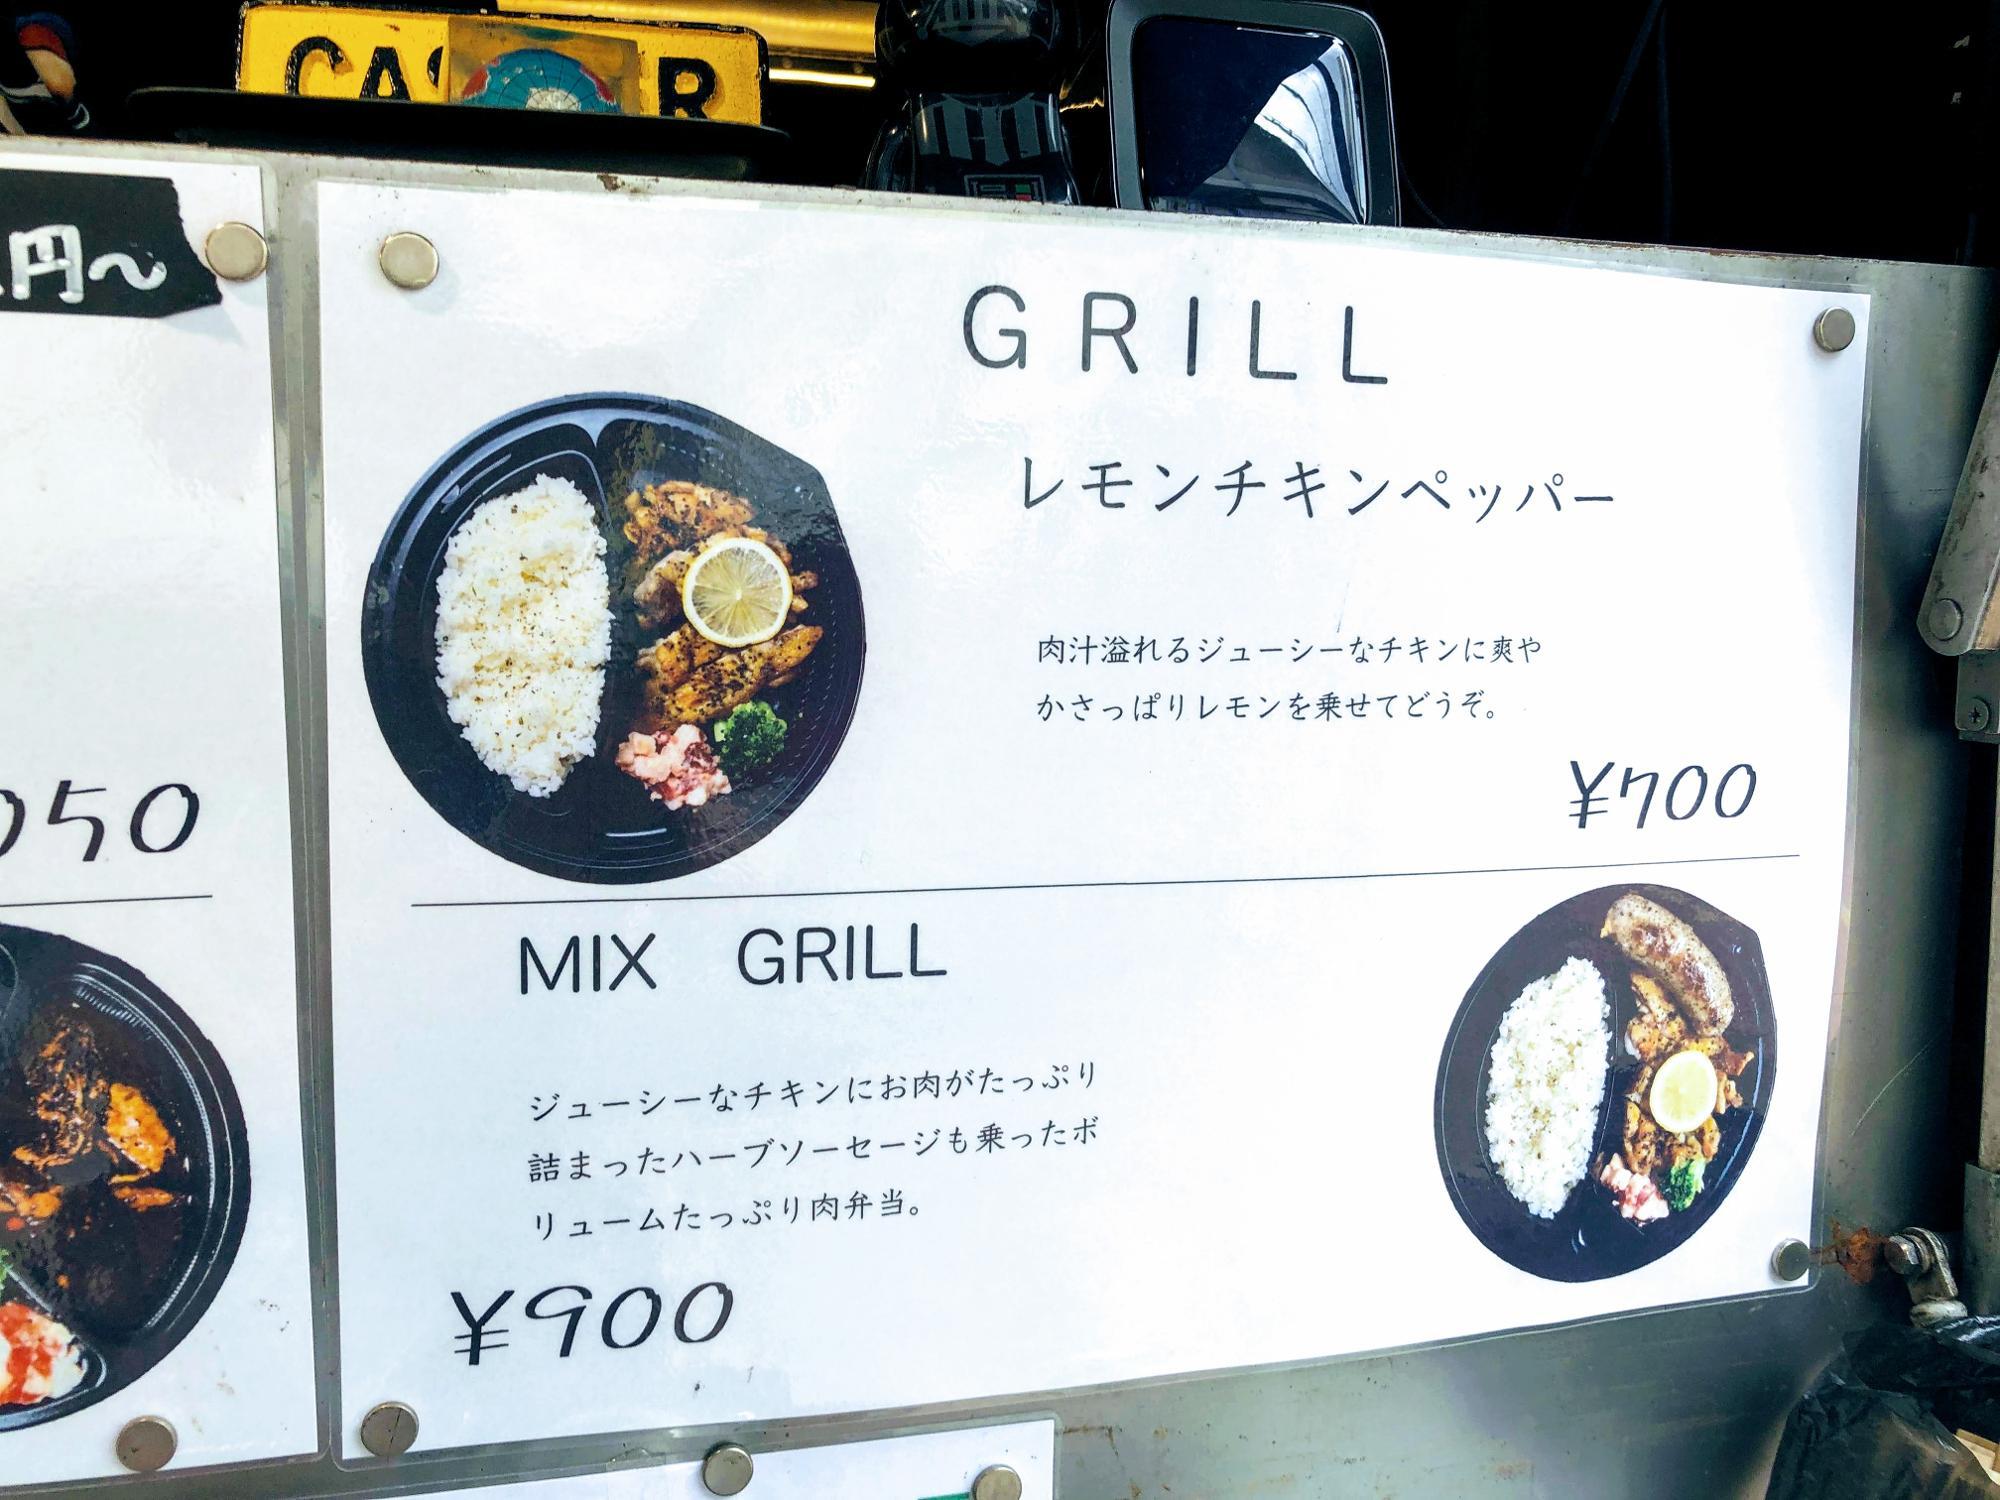 レモンチキンペッパー(700円)、ミックスグリル(900円)